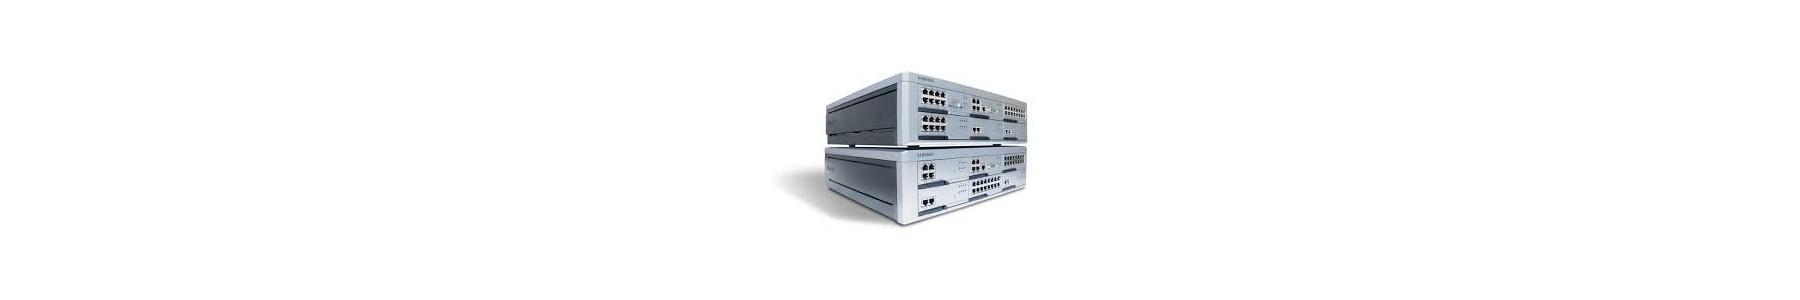 Officeserv 7200